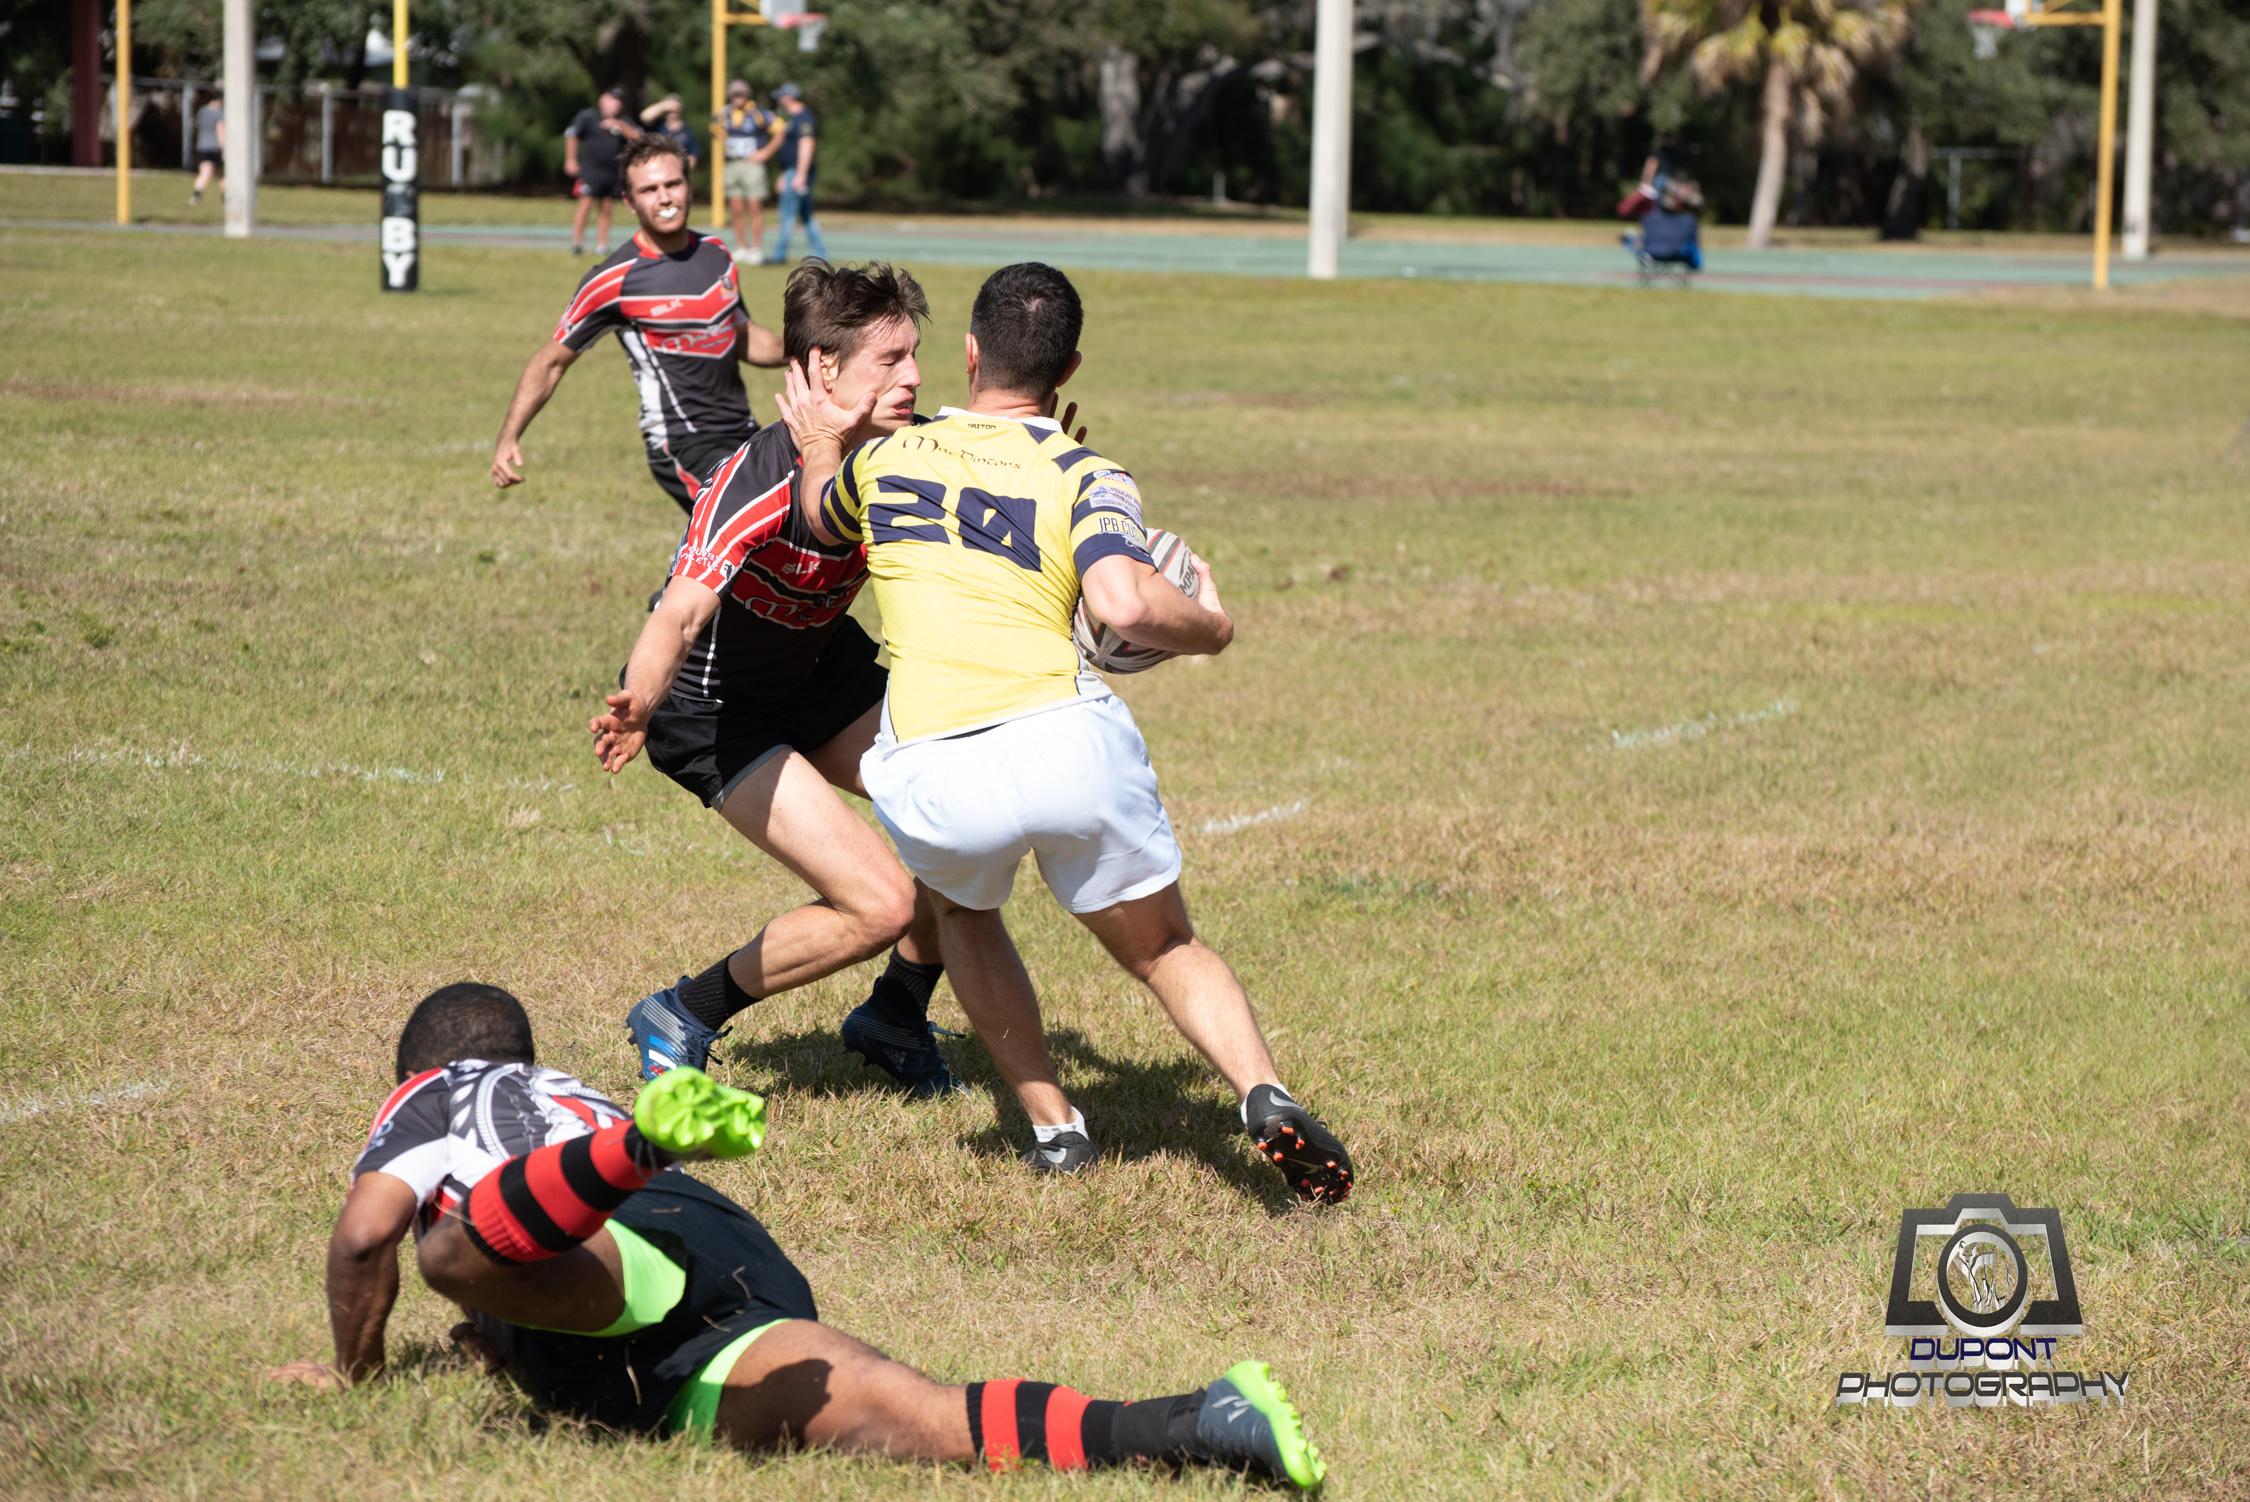 2019-01-19 Rugby-615-Edit-1.jpg